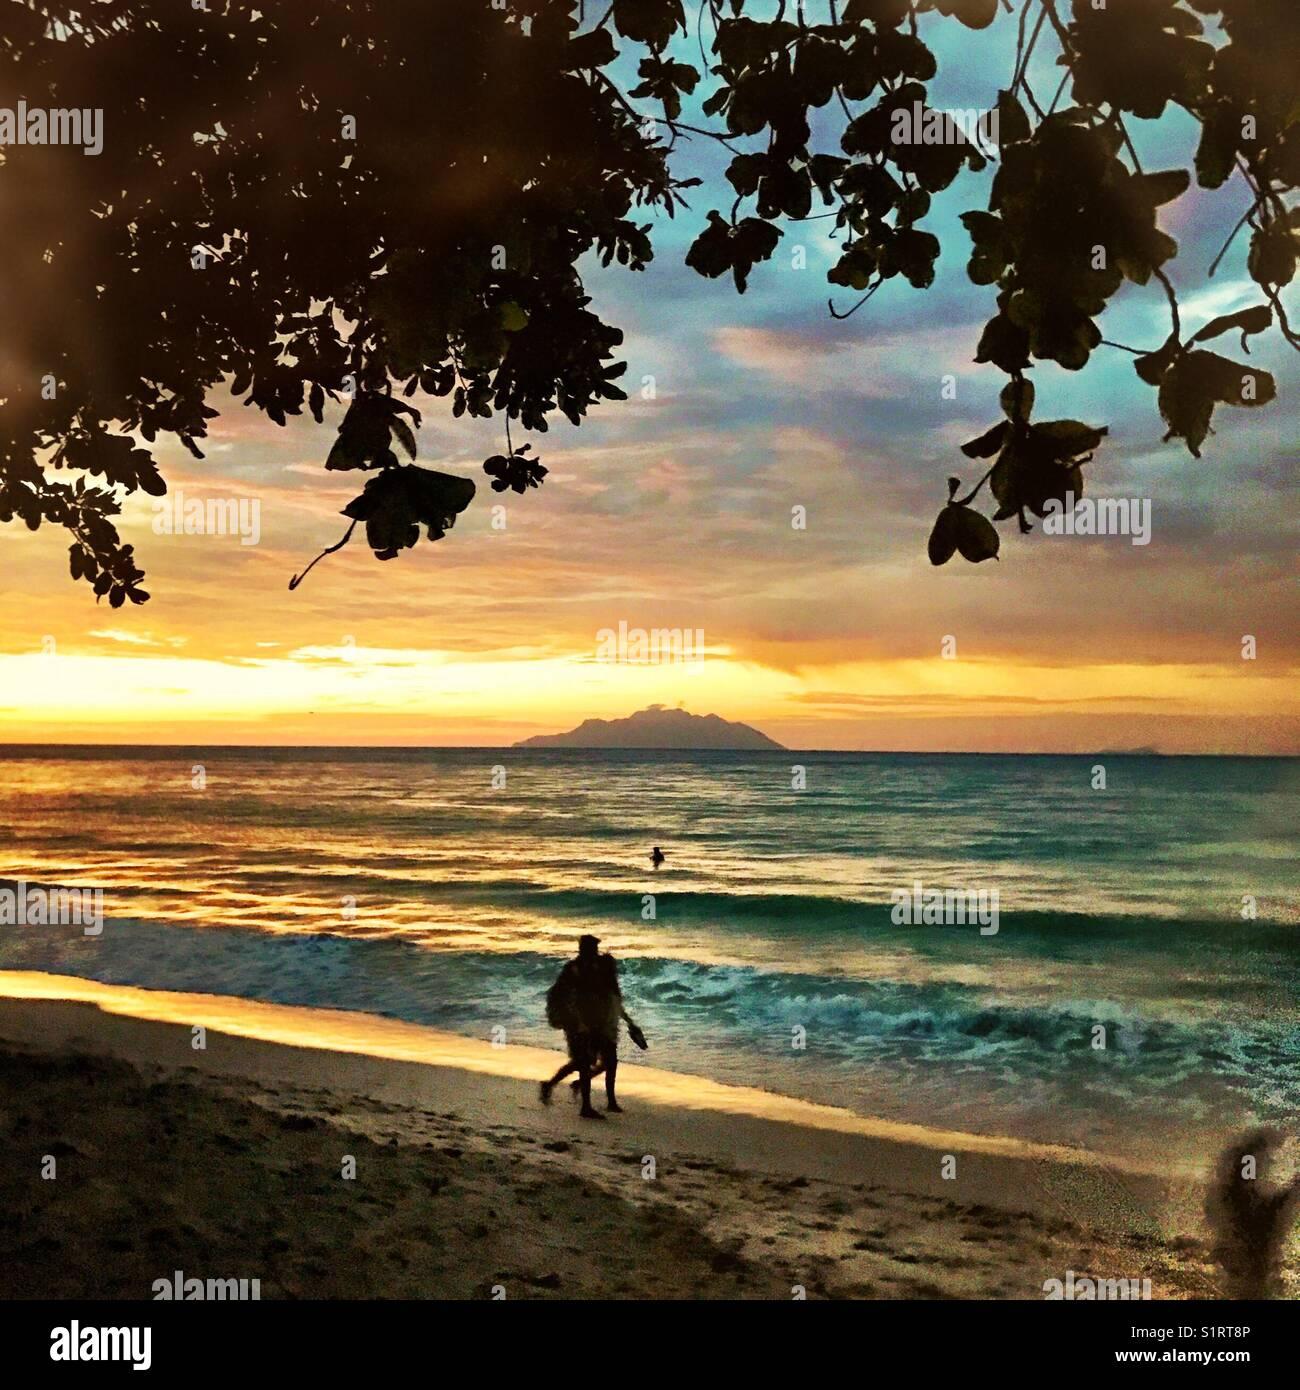 People on Seychelles beach Beau Vallon sunset Stock Photo